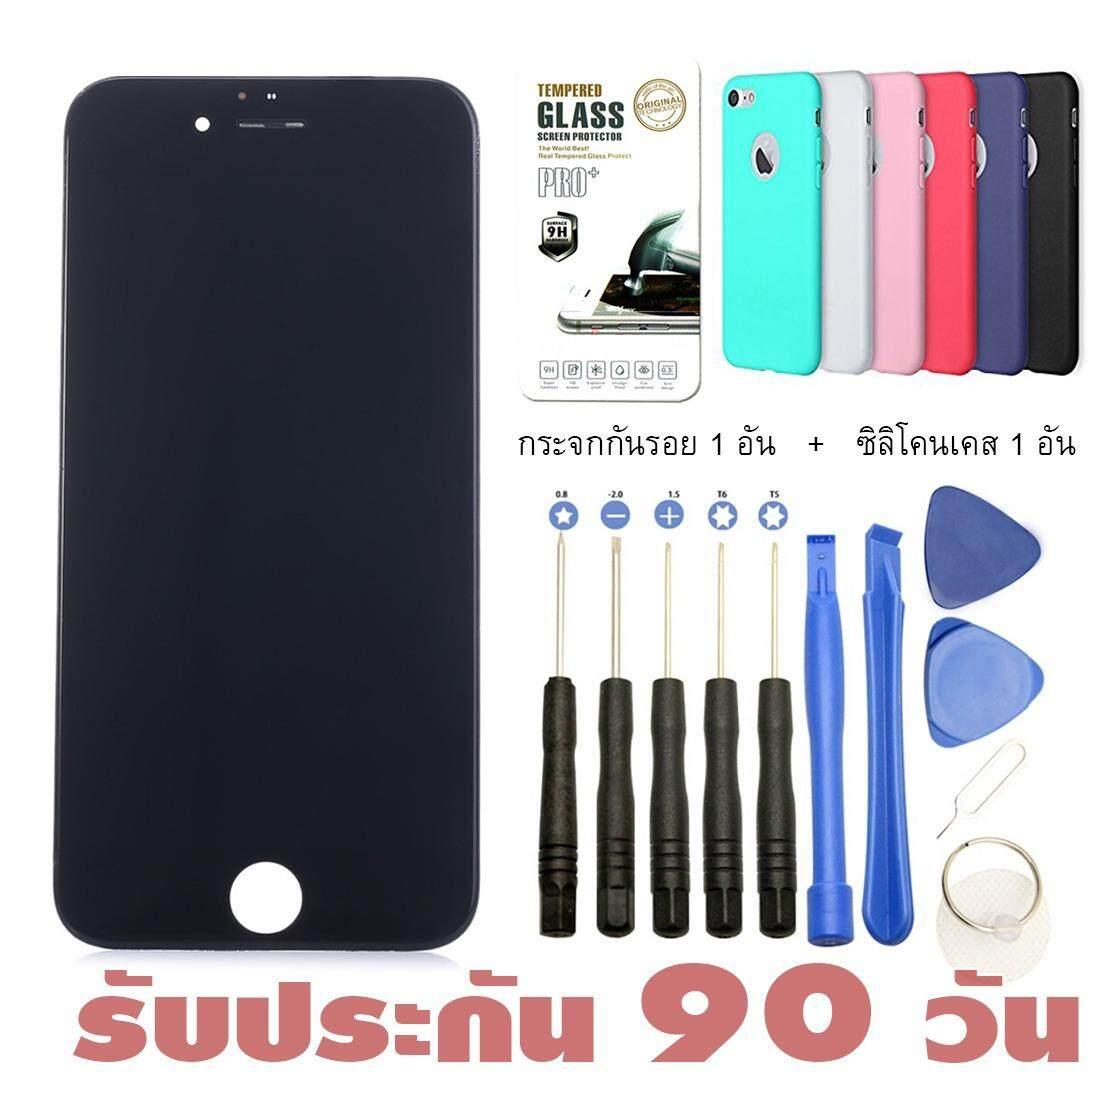 ซื้อ ประกัน 90 วัน Iphone 6 Lcd หน้าจอไอโฟน 6 ทัสกรีน สีดำ กรุงเทพมหานคร